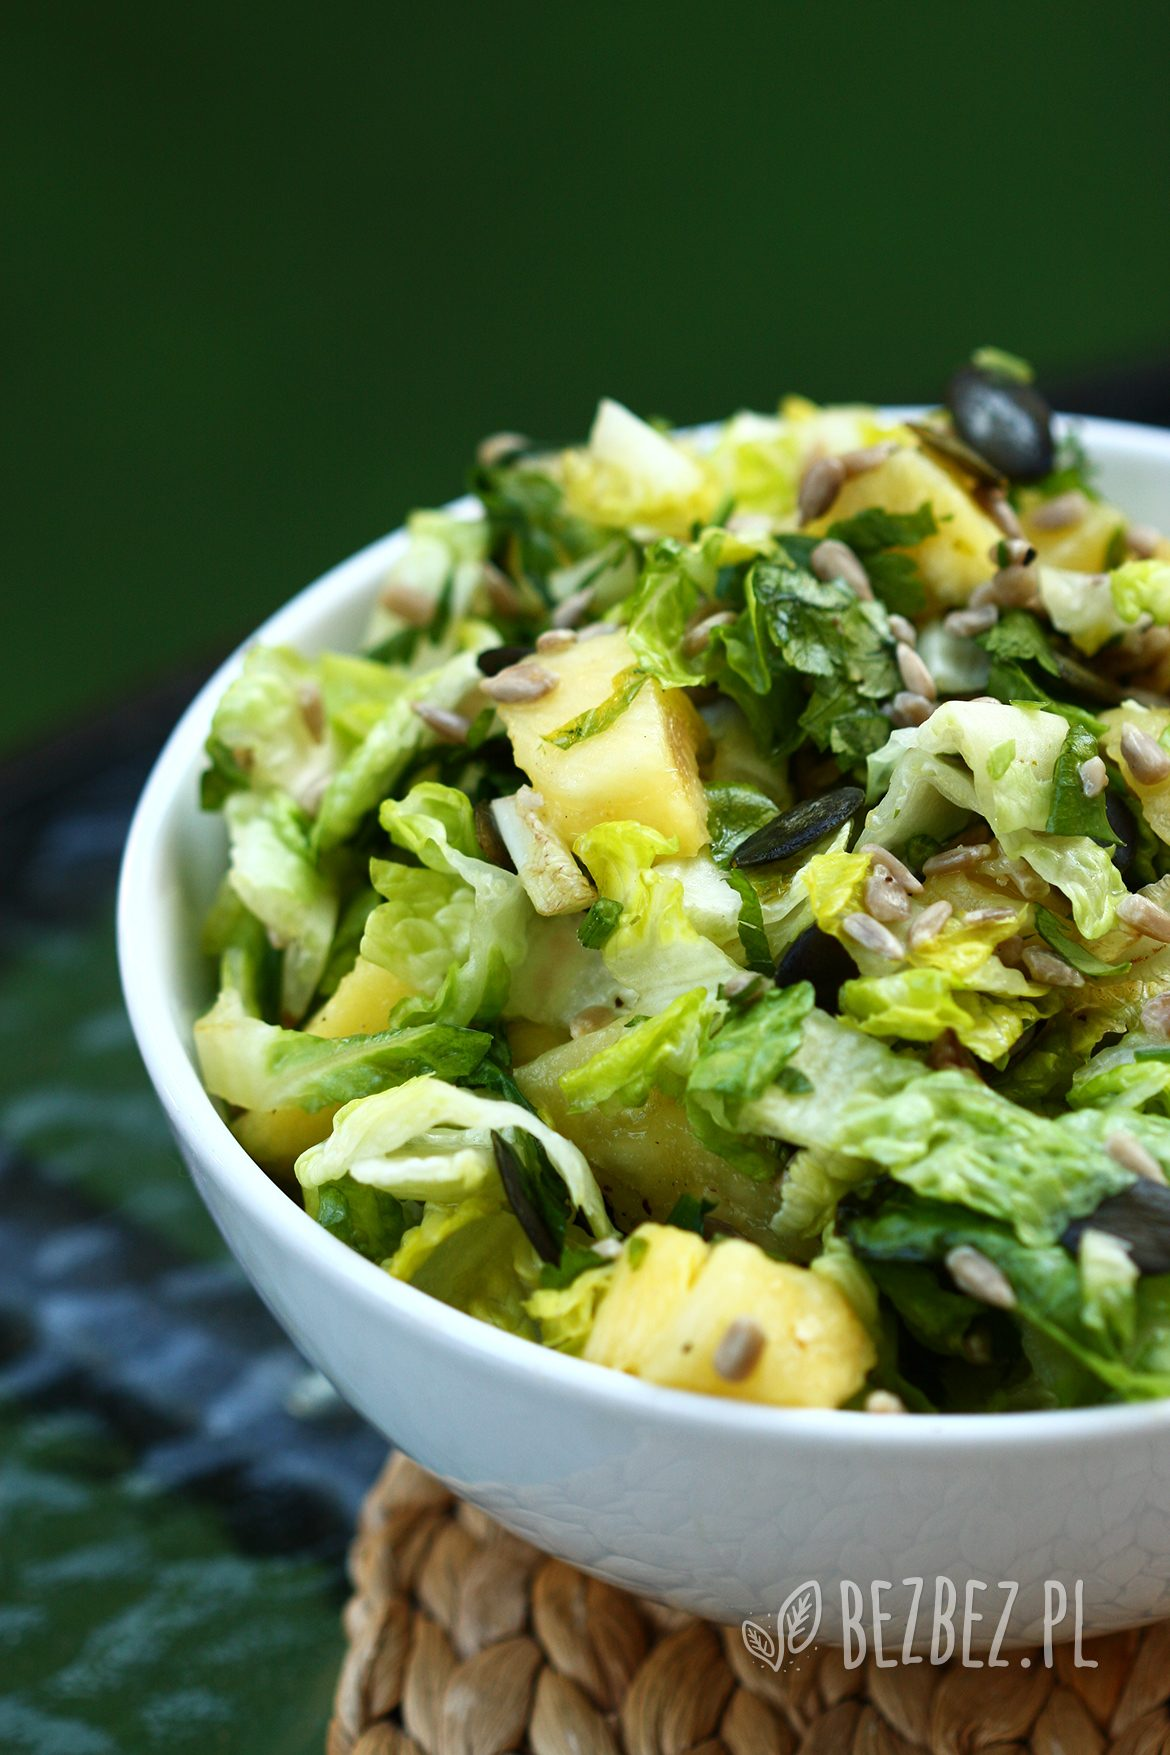 Orzezwiajaca Salatka Z Ananasem Bezbez Pl Bez Glutenu Bez